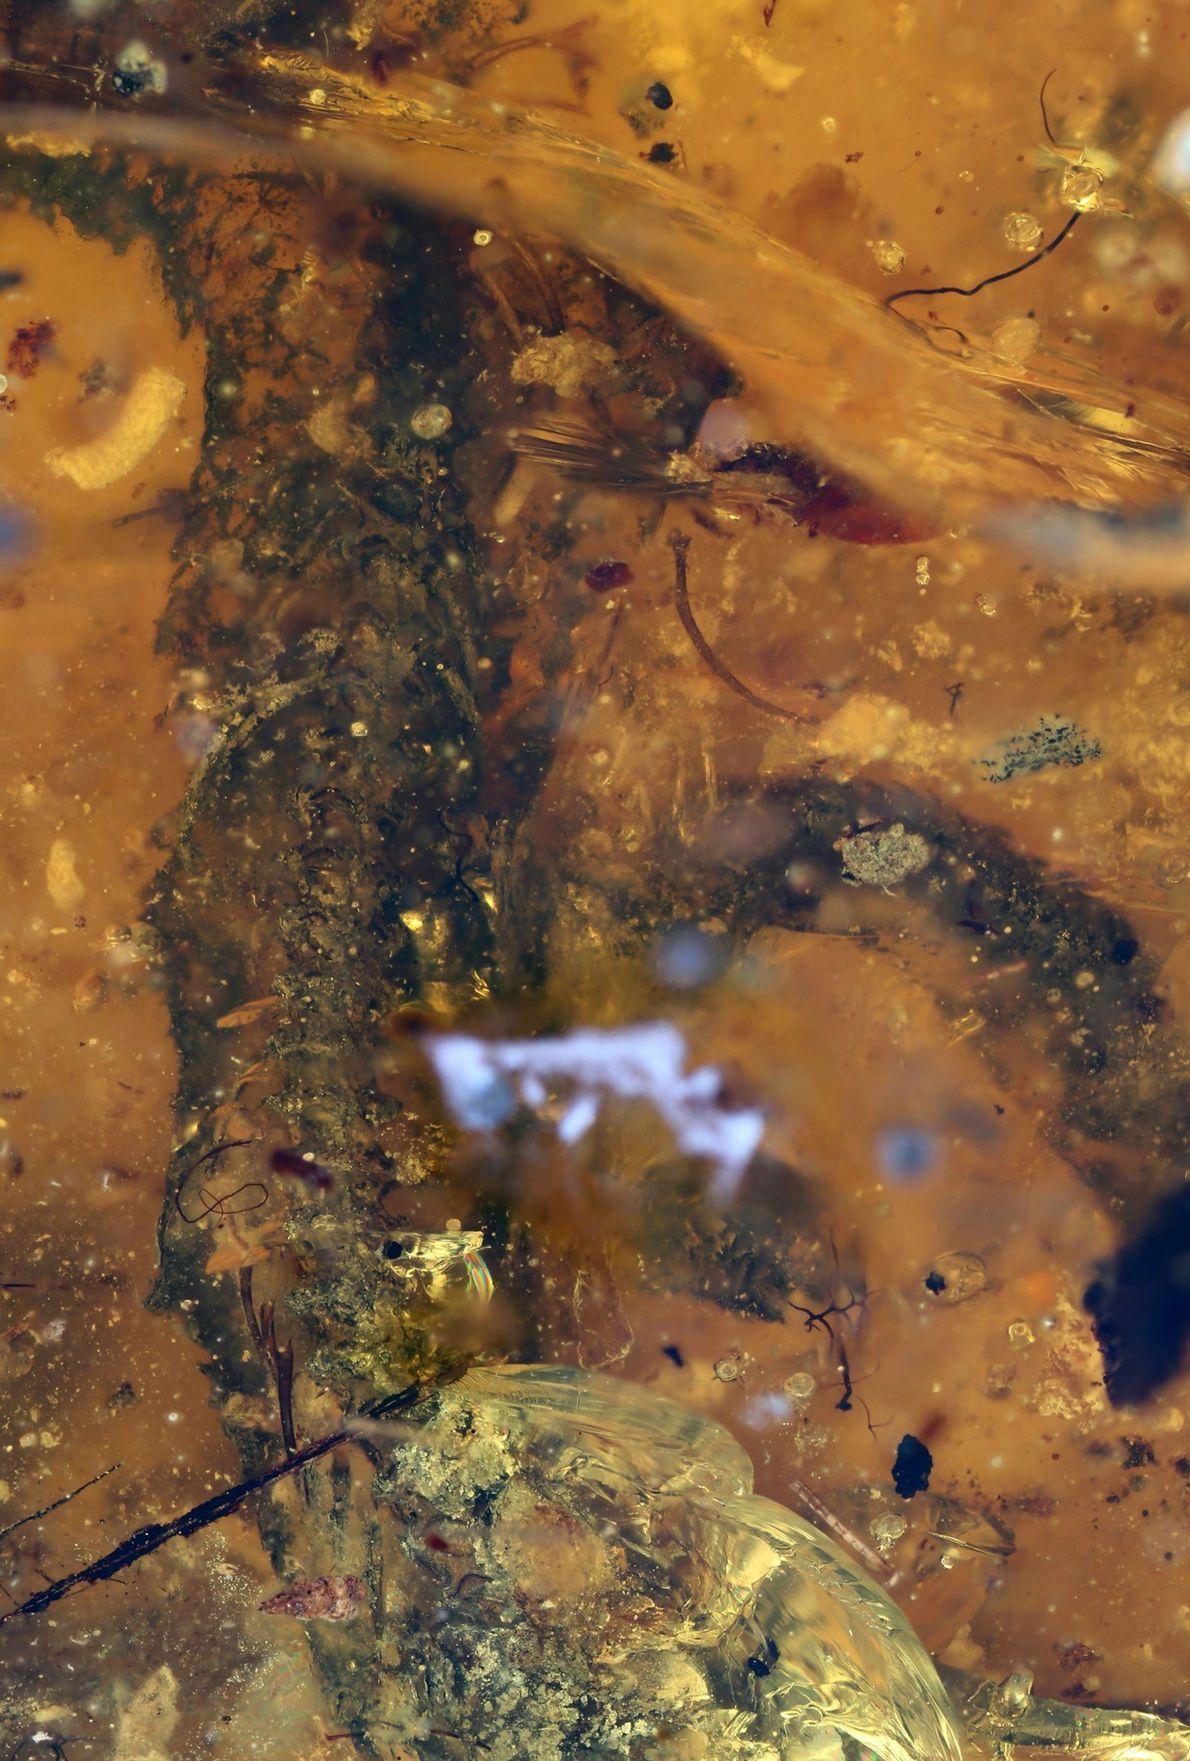 Ce gros plan du ventre du serpent montre des vertèbres exceptionnellement bien conservées.